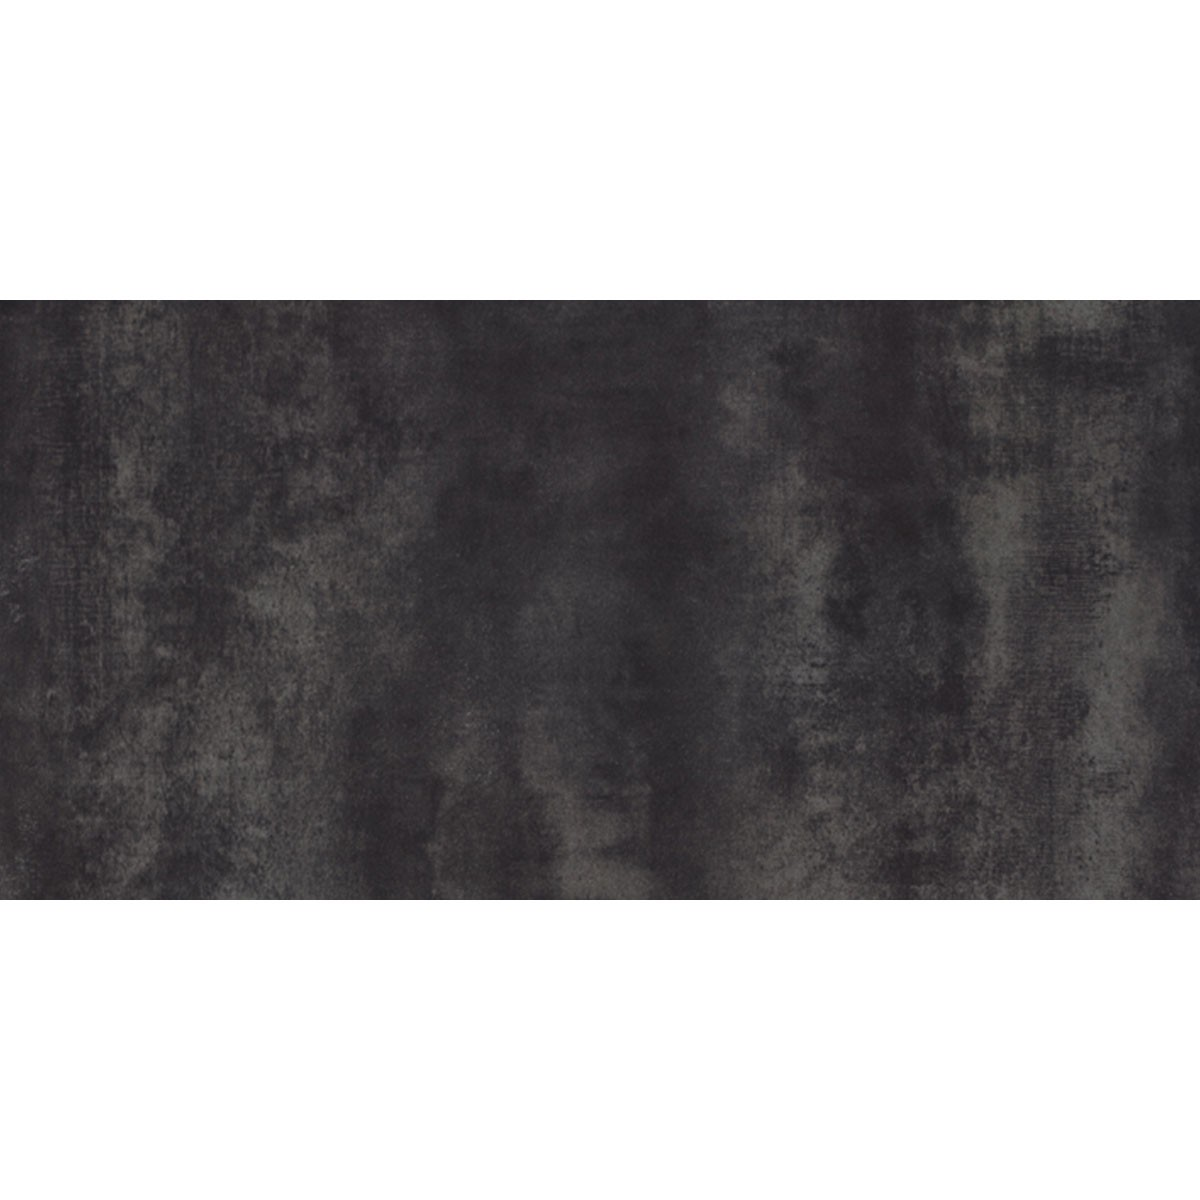 24 x 12 po Carreau de Sol Gris Foncé - 8 Pcs/Boîte (15.50 sq.ft/Boîte) (CM60D)